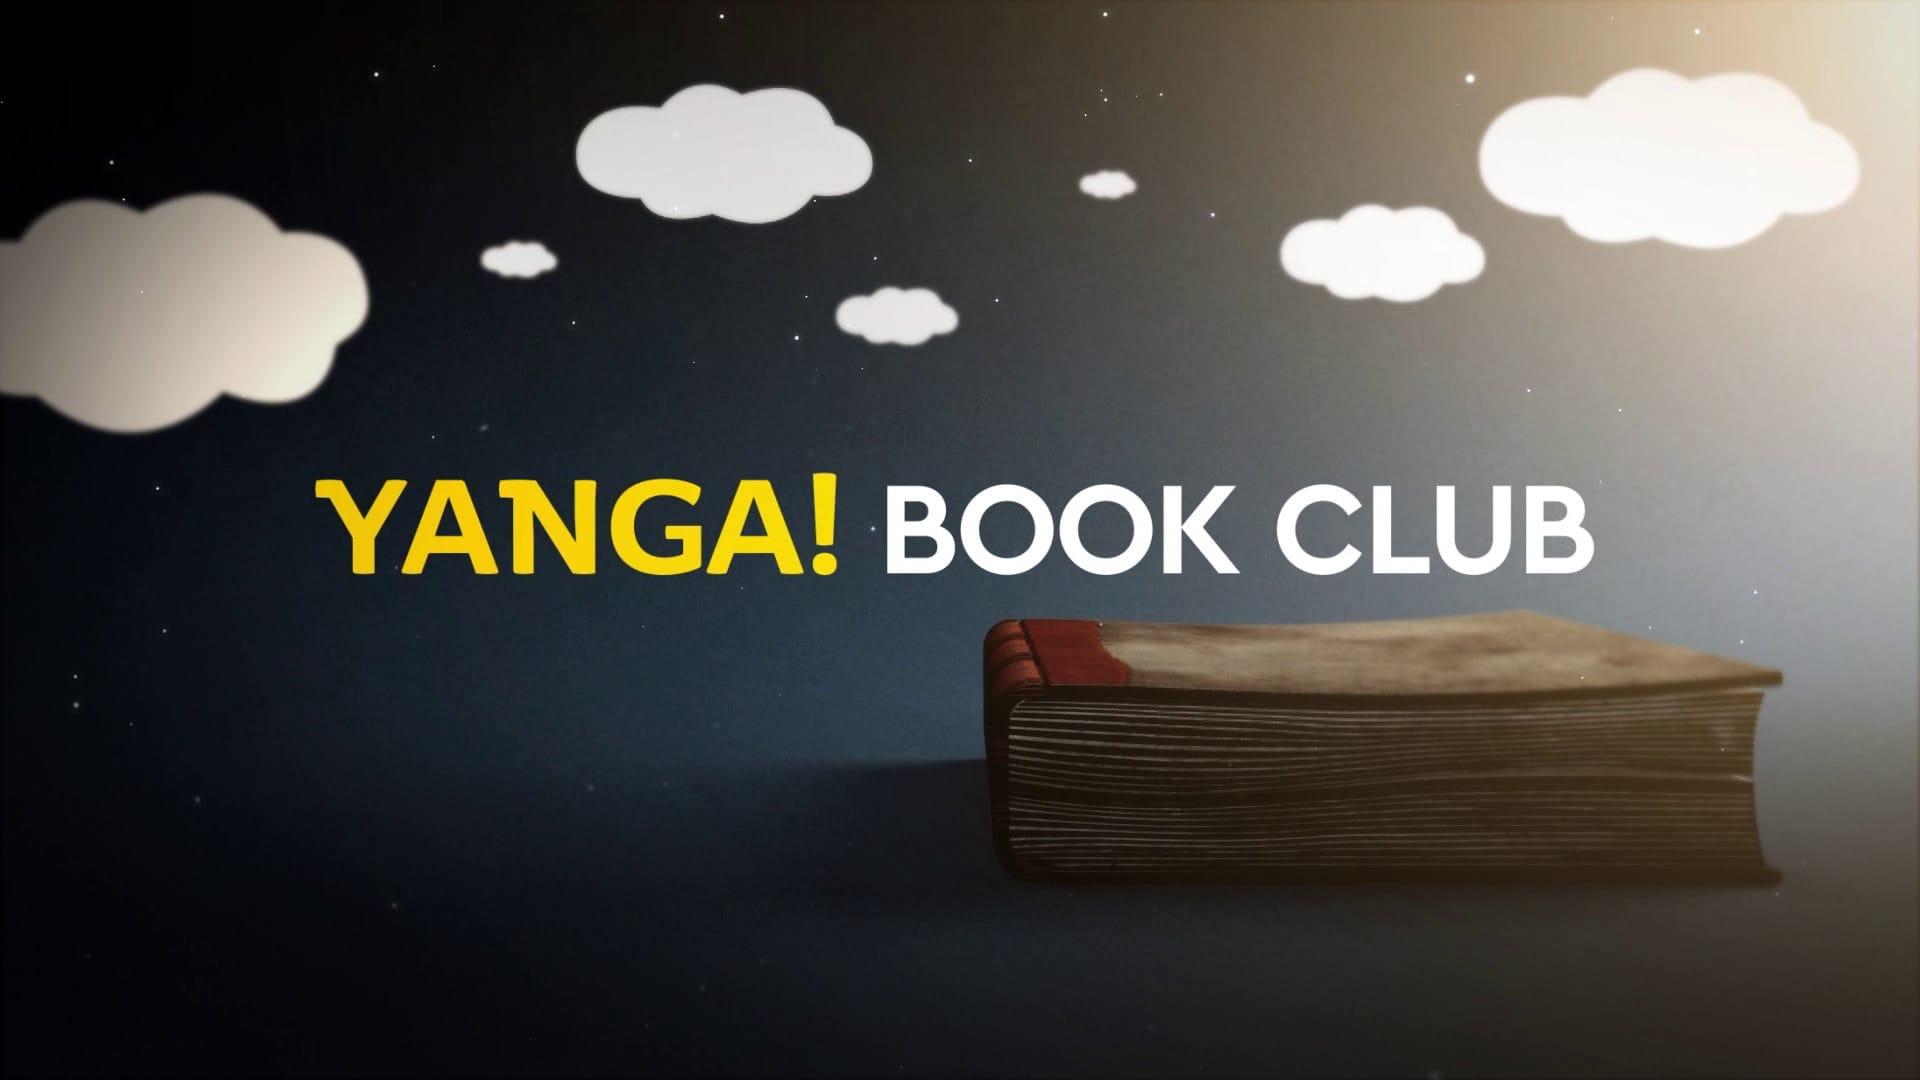 YANGA! Book Club